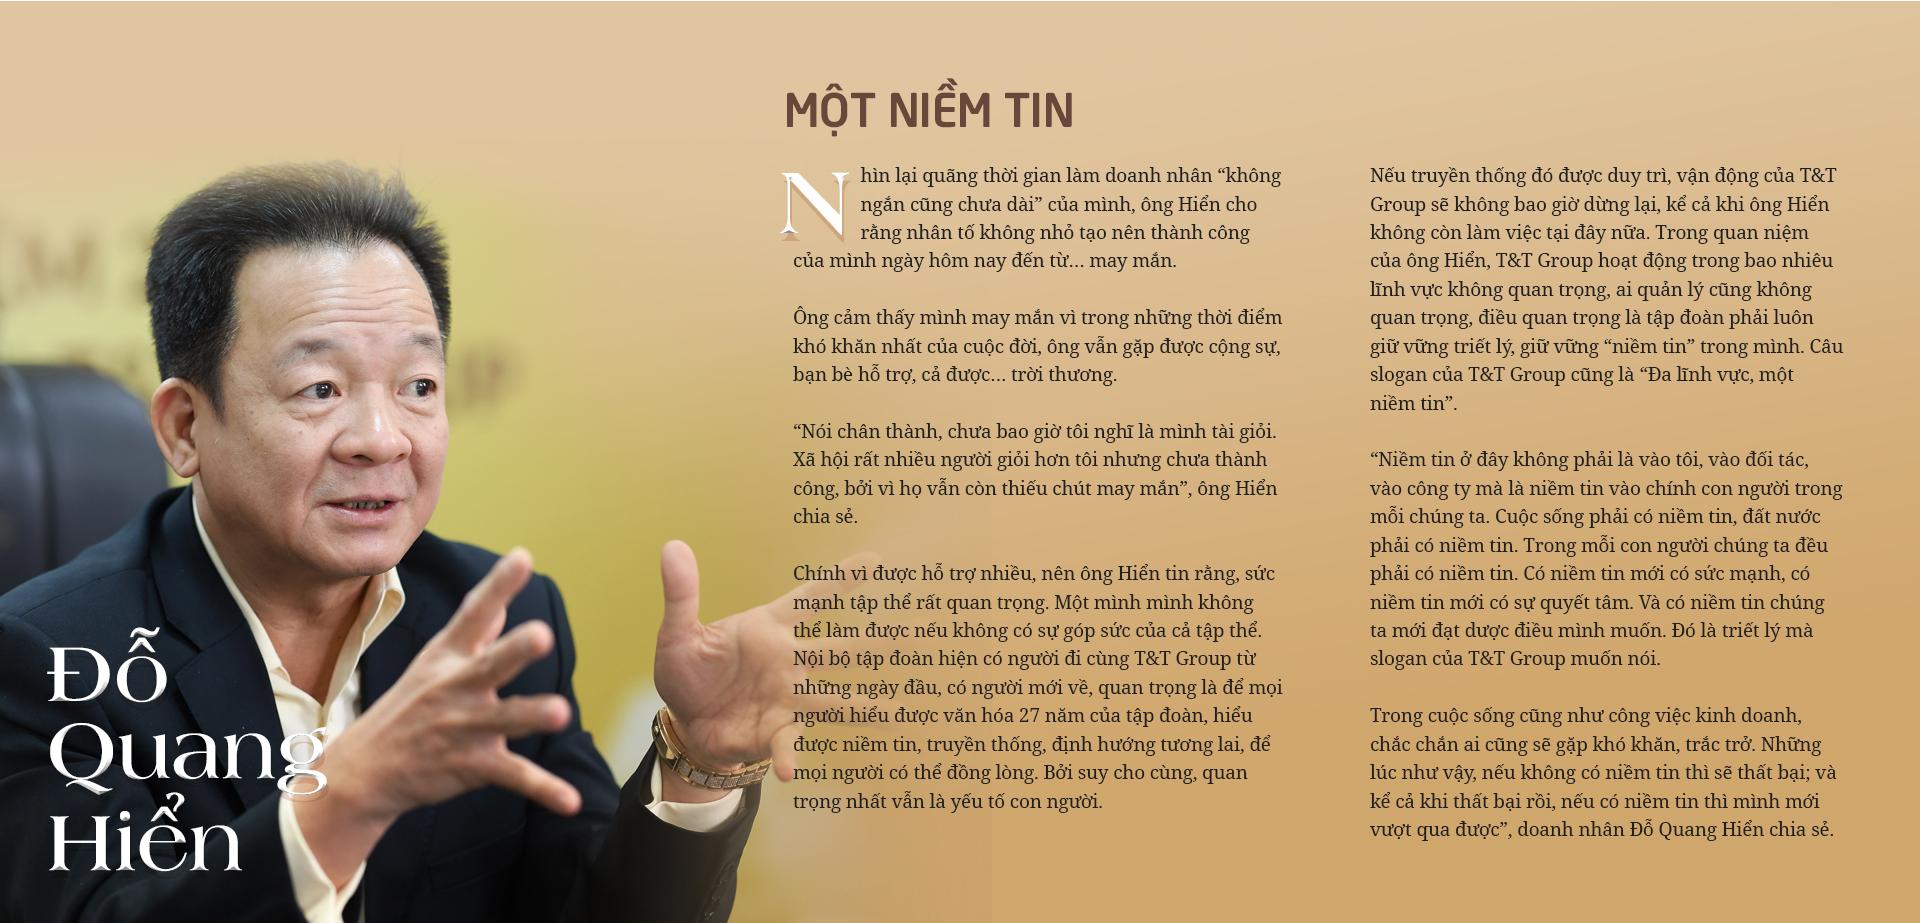 Tinh thần Bạch Thái Bưởi của Chủ tịch T&T Group Đỗ Quang Hiển 11